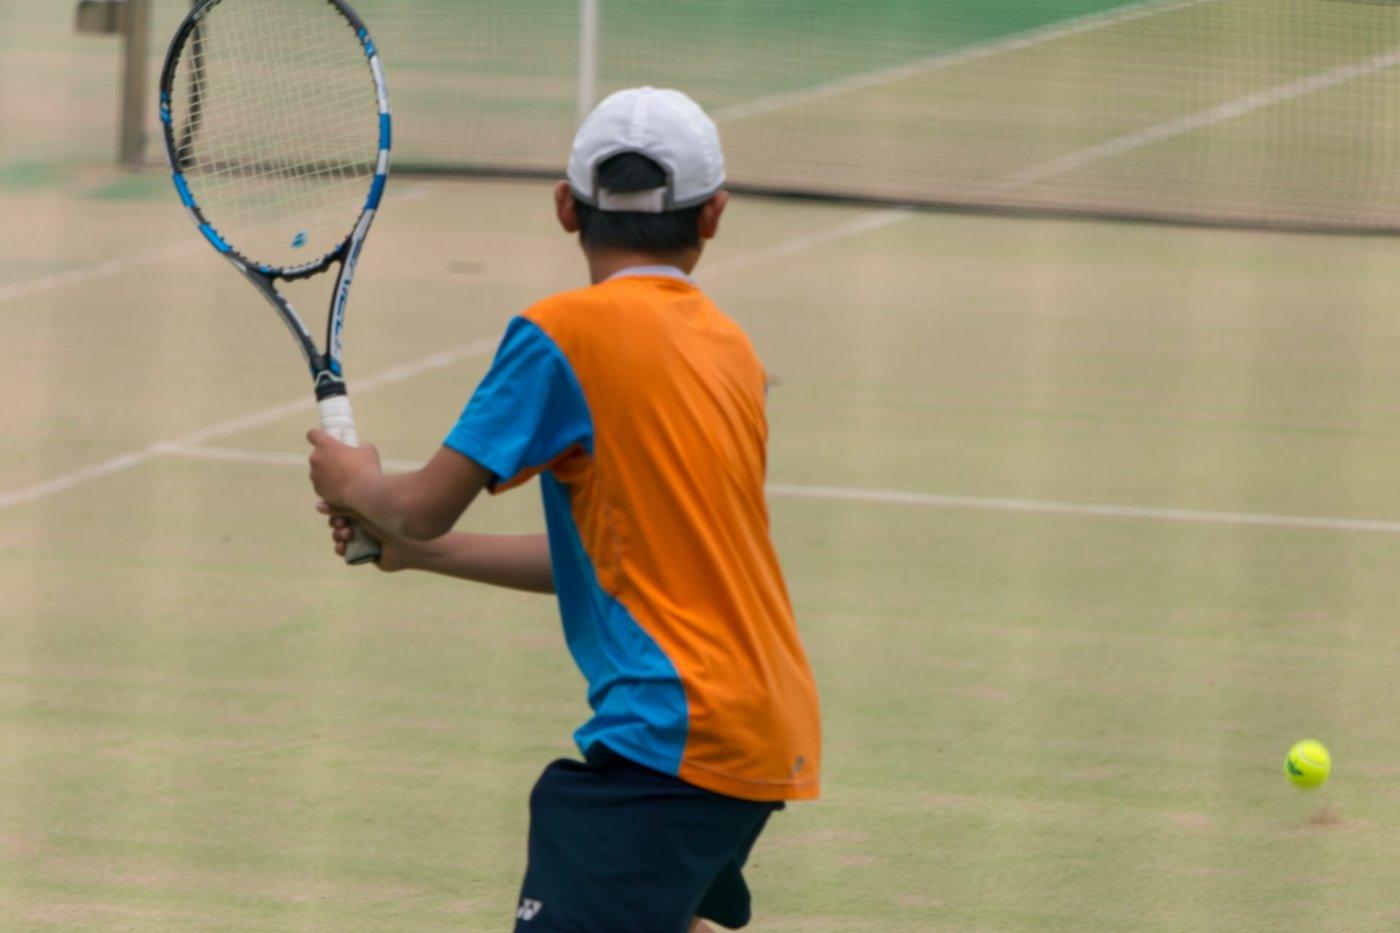 テニス肘になってしまった時の正しいサポーターの付け方とは